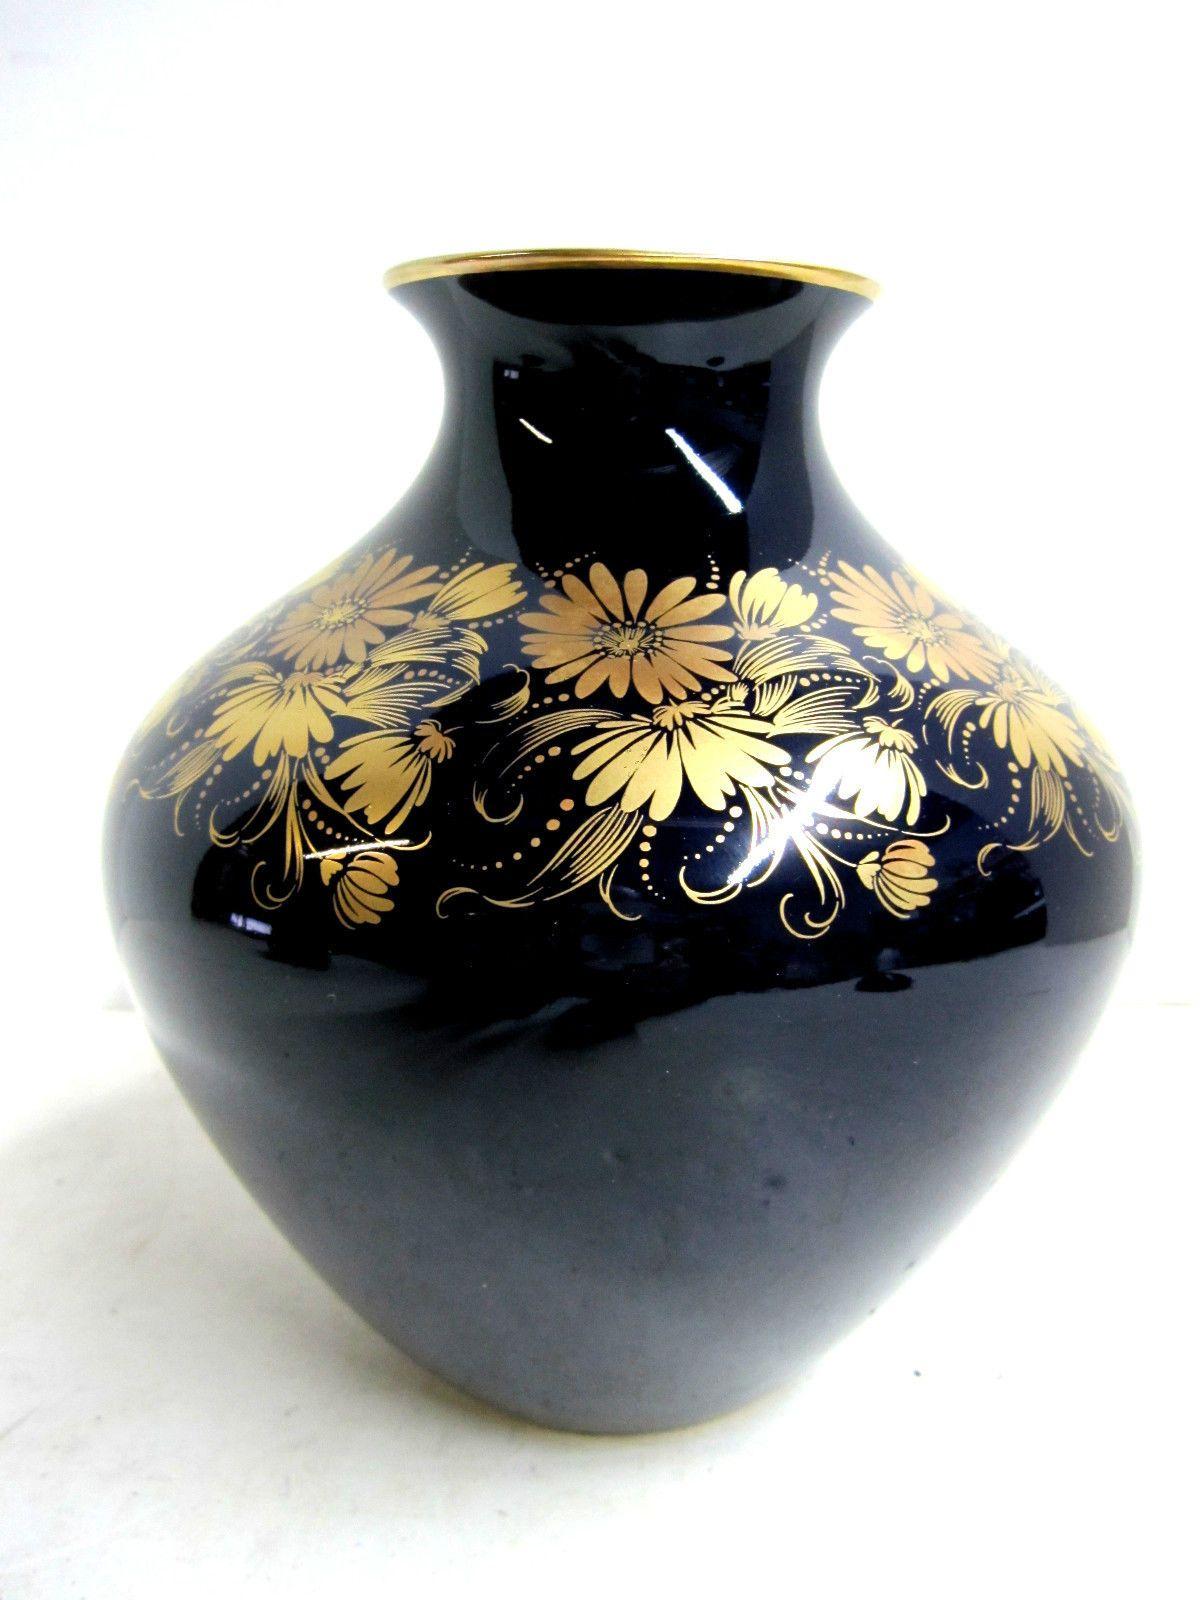 Ornate Vintage C.M. Hutschenreuther Echt Kobalt Blue & Gold Vase Numbered c 1970 | eBay